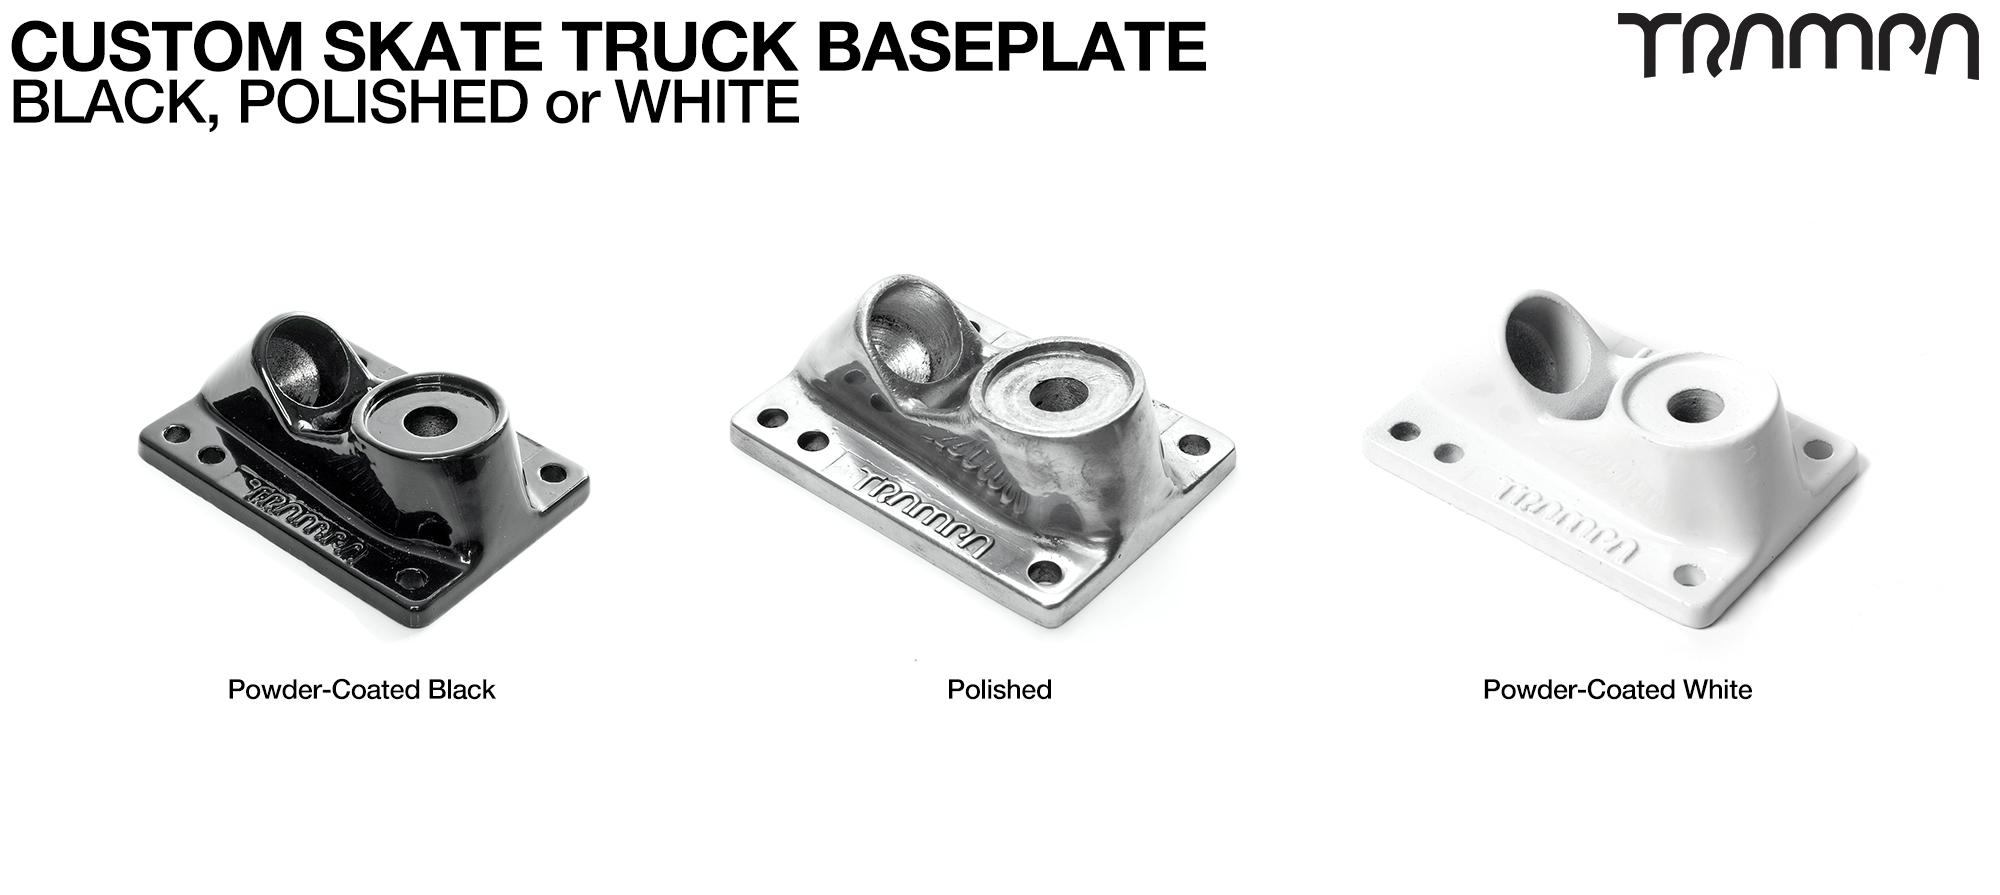 base plate   skate truck